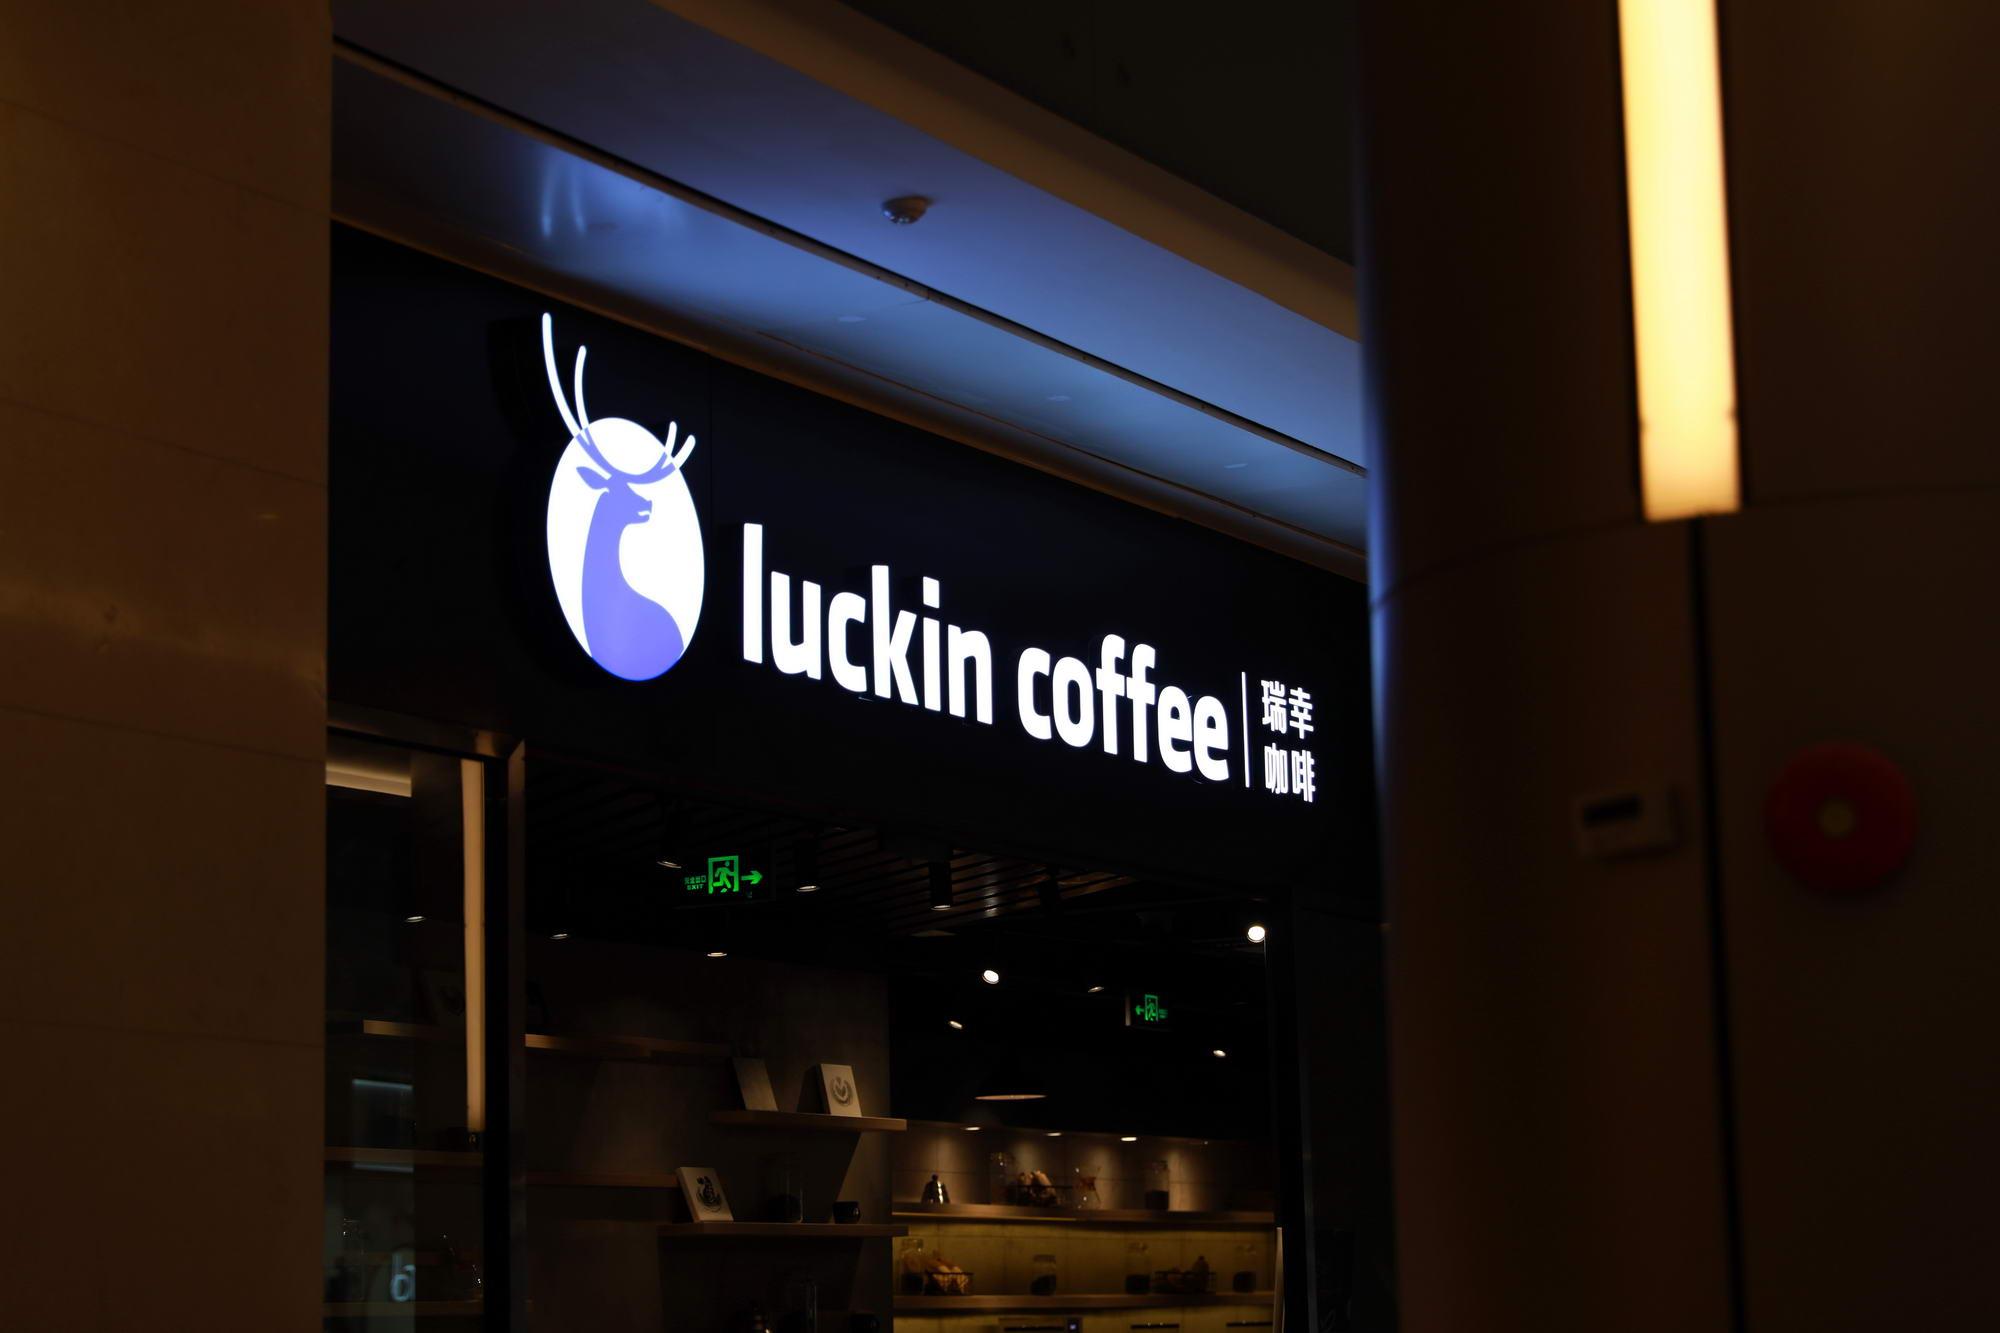 瑞幸咖啡发布道歉声明:彻底调查,绝不姑息_零售_电商报